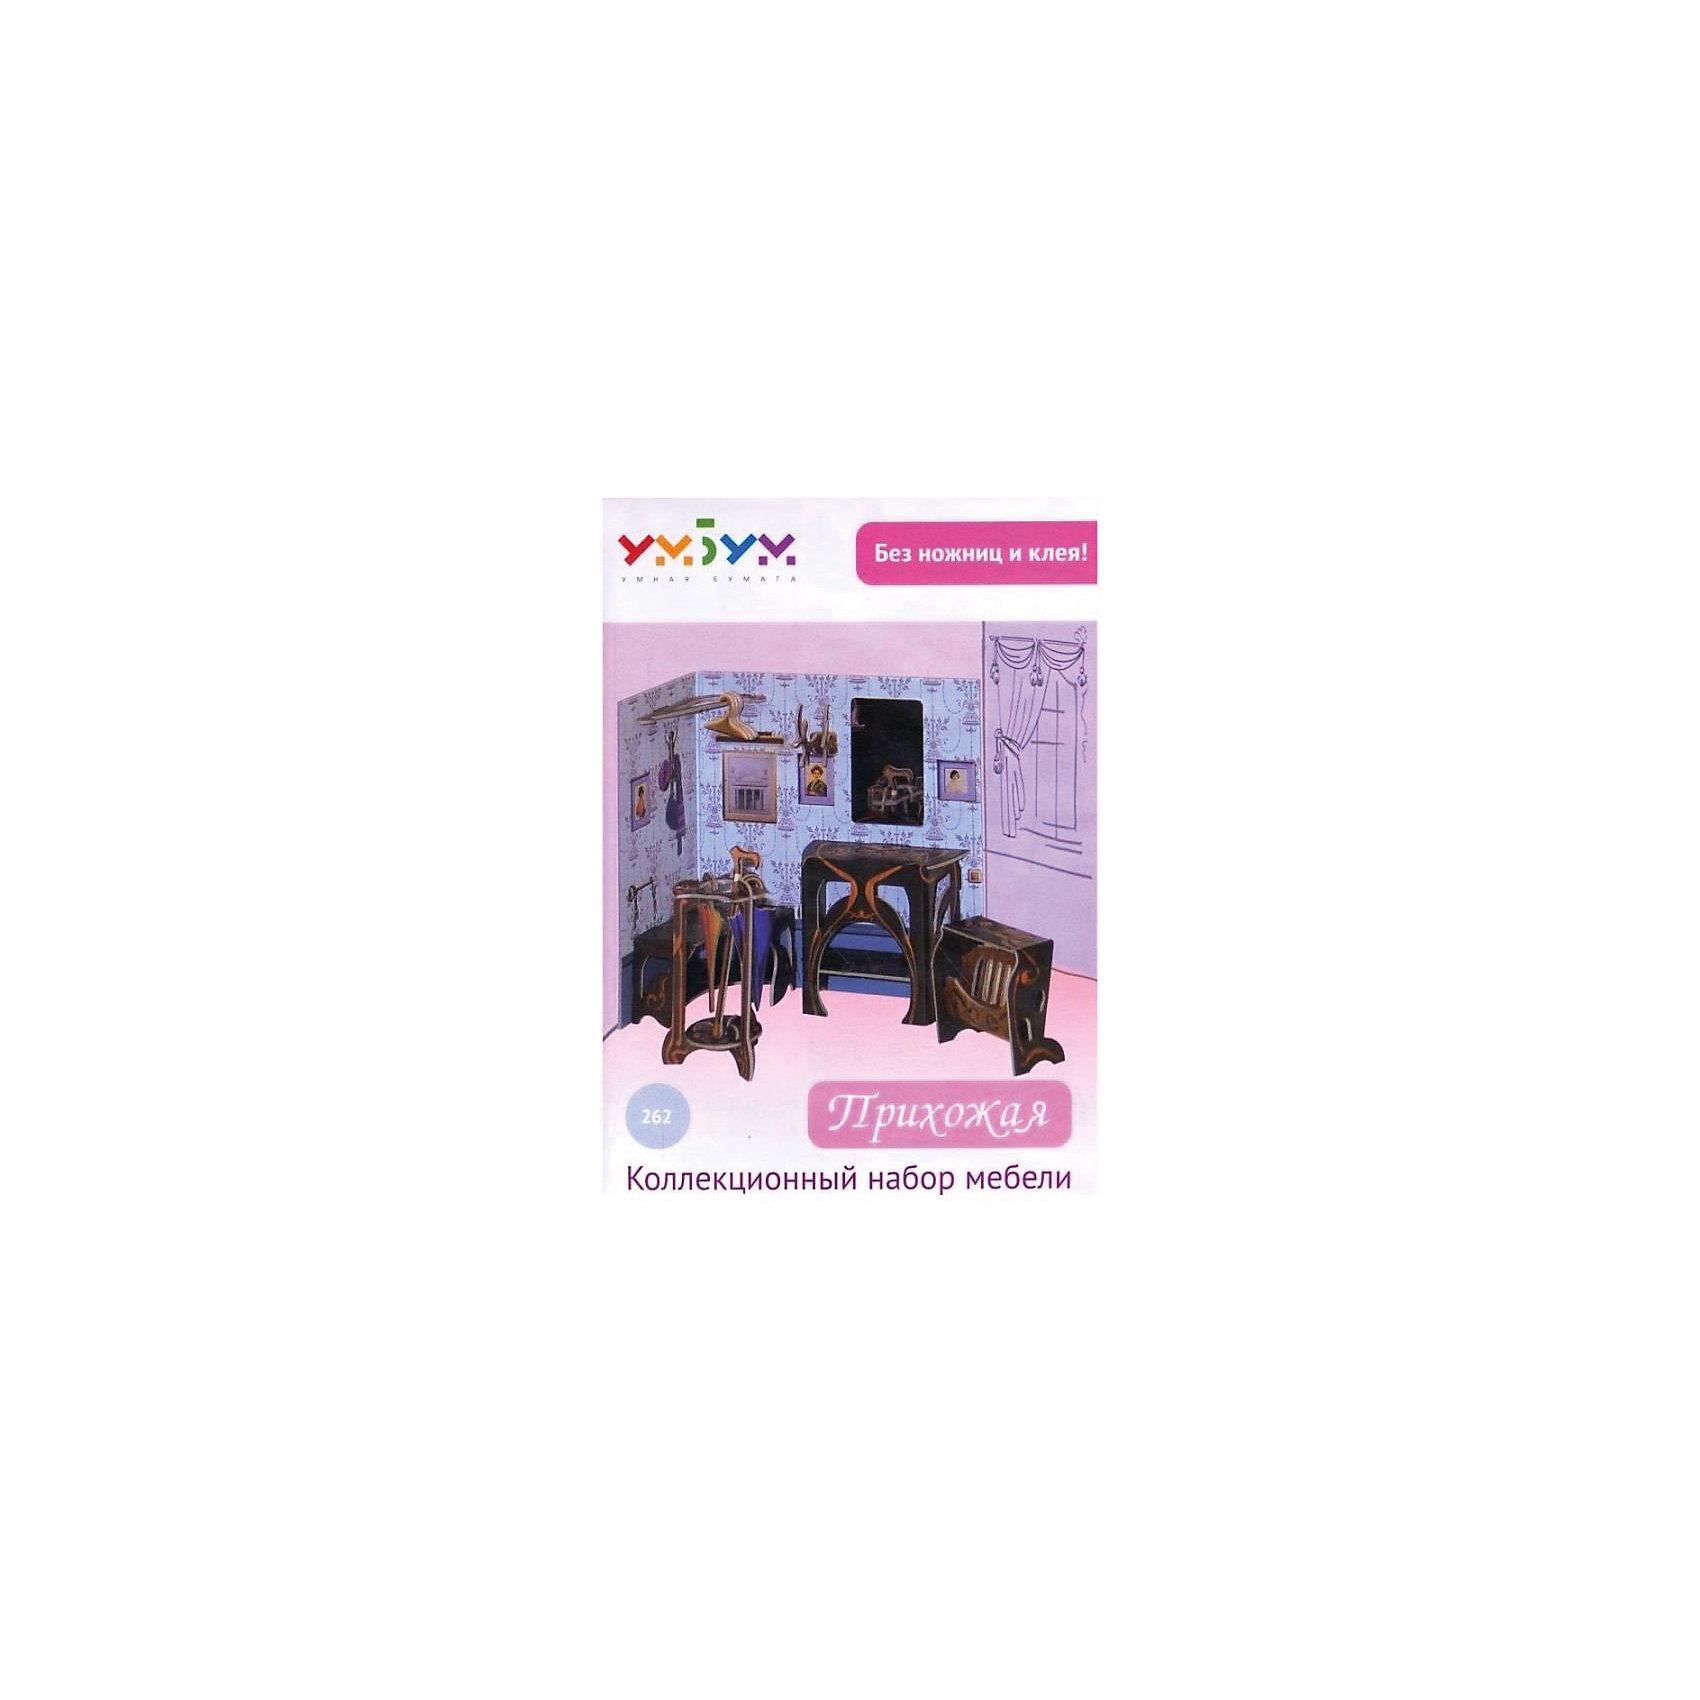 Коллекционный набор мебели ПрихожаяПрихожая – один из серии наборов мебели под названием «Коллекционный набор мебели». Каждый из них является самодостаточным игровым объектом, но в тоже время они прекрасно подойдут и к Кукольному дому, в котором ребенок сможет их разместить с большим удовольствием для себя, друзей и родителей.<br><br>Количество деталей: 23.<br>Сложность сборки: 2.<br>Размер прихожей: 13х7х14 см.<br>Размер газетницы: 5,5х2,5х4,5 см.<br>Размер подставки для зонтов: 4,5х4,5х8 см.<br>Материал: переплетный картон.<br>Возраст: 5+.<br><br>Ширина мм: 180<br>Глубина мм: 5<br>Высота мм: 240<br>Вес г: 68<br>Возраст от месяцев: 60<br>Возраст до месяцев: 420<br>Пол: Унисекс<br>Возраст: Детский<br>SKU: 5012519